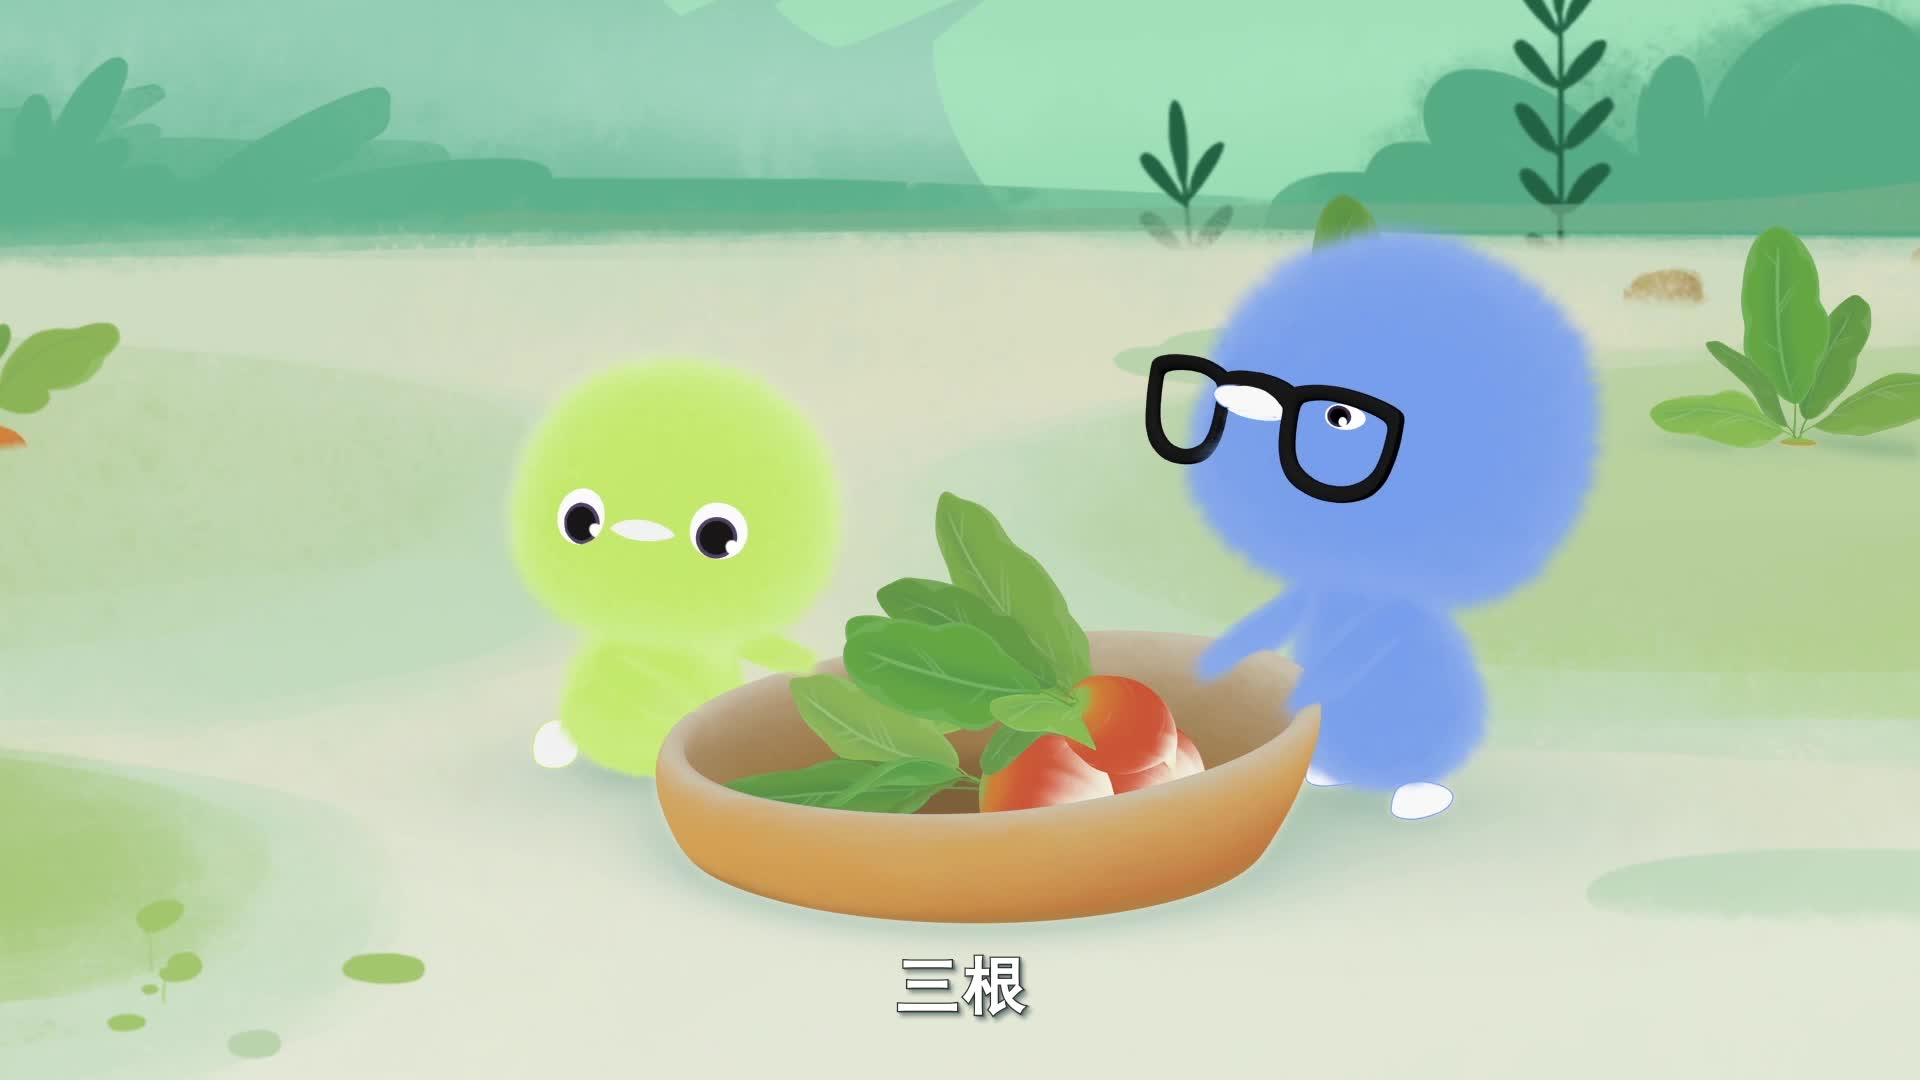 《小鸡彩虹》 第五季 05拔呀拔萝卜